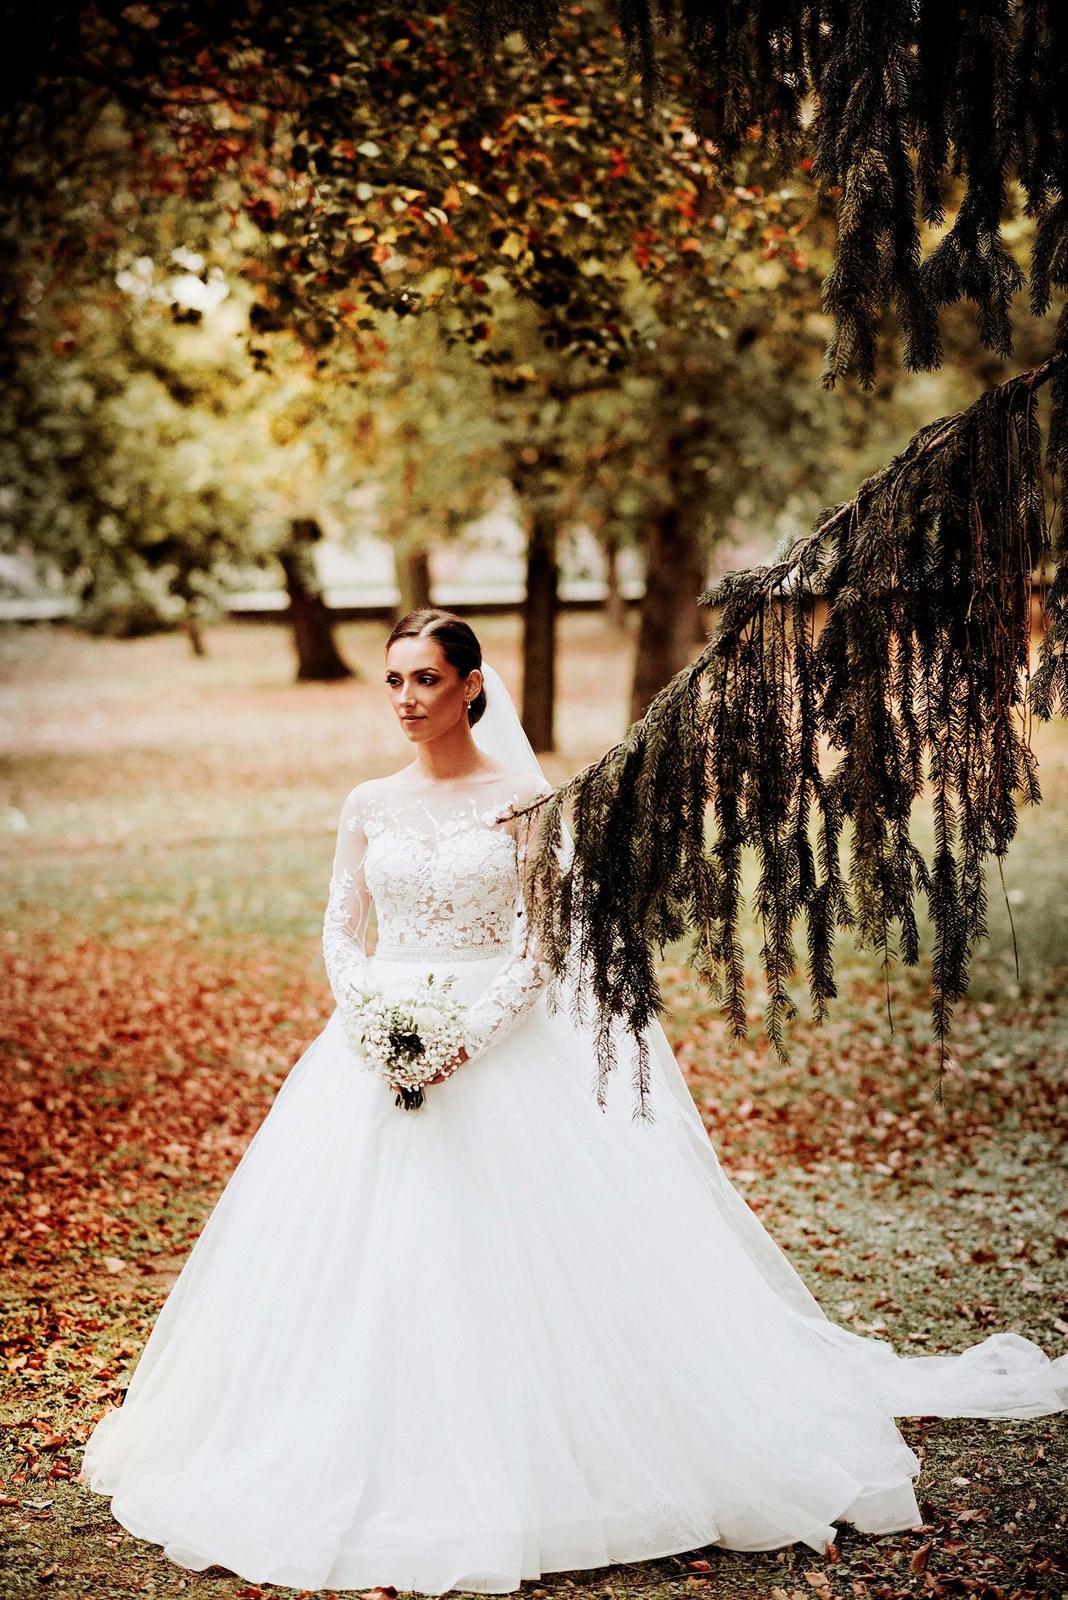 Moje svadobné fotografie - Obrázok č. 2